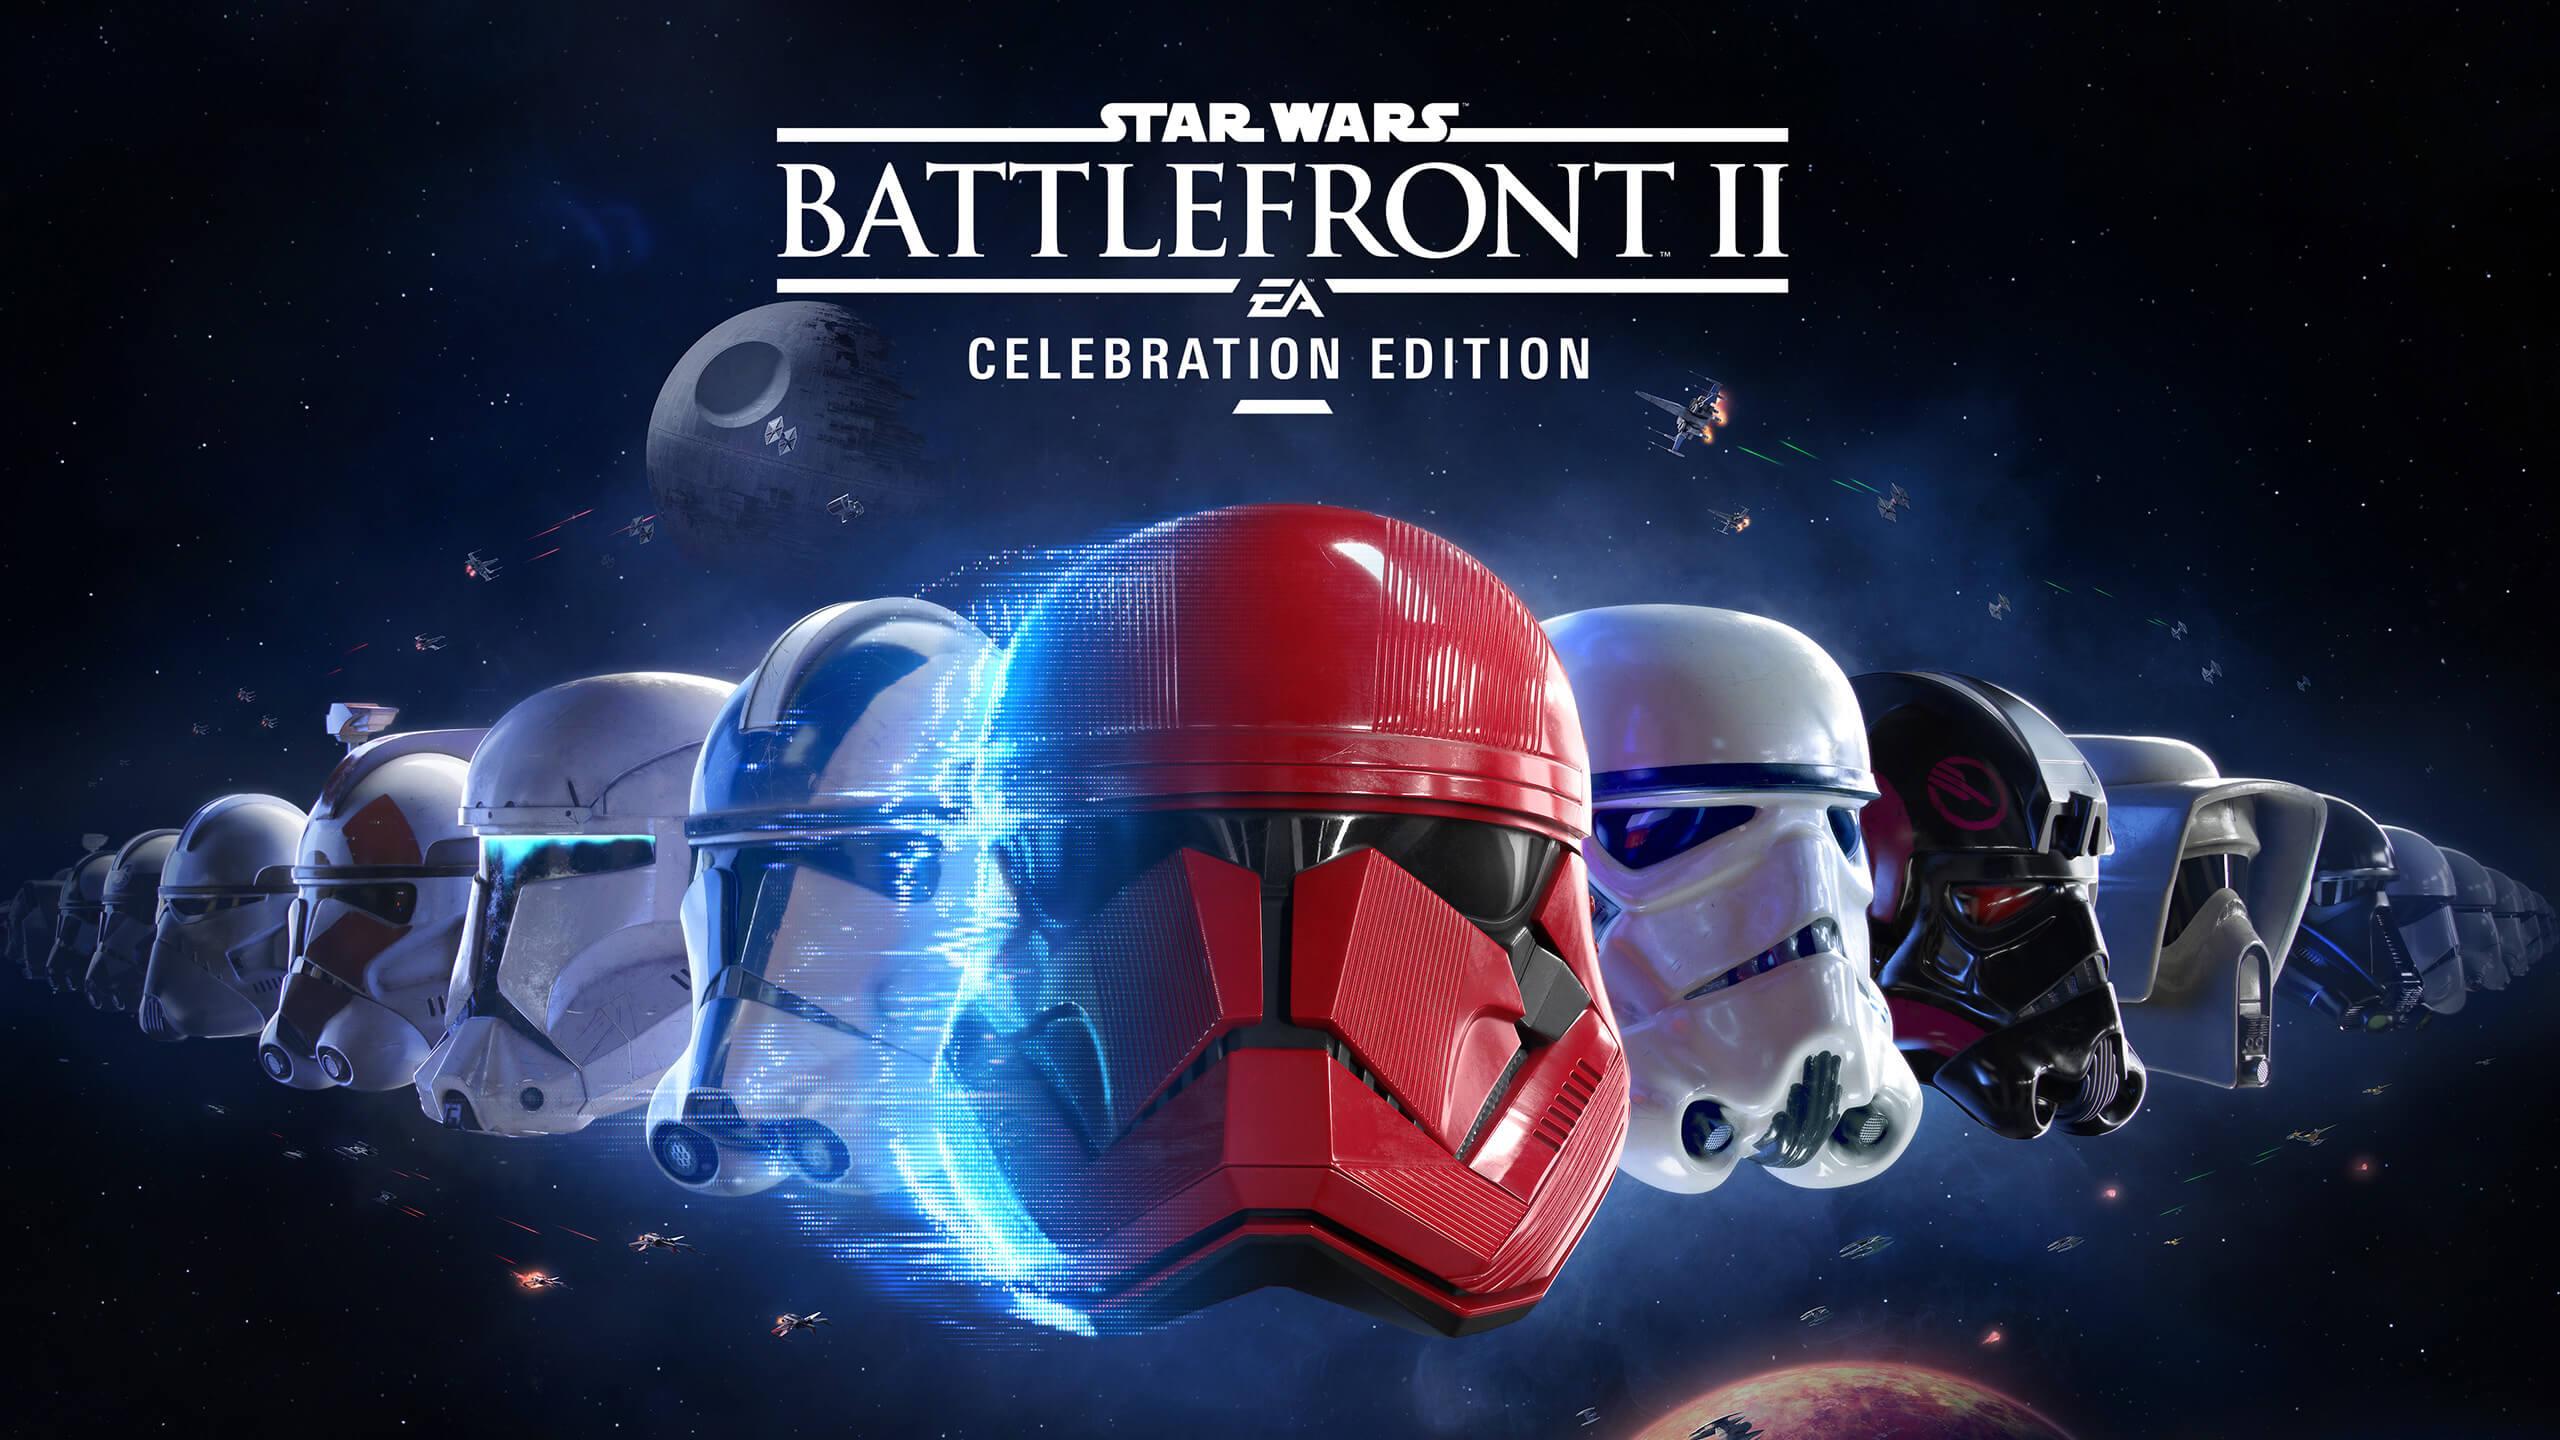 Epic Games anuncia Star Wars Battlefront II como o jogo grátis da semana 4